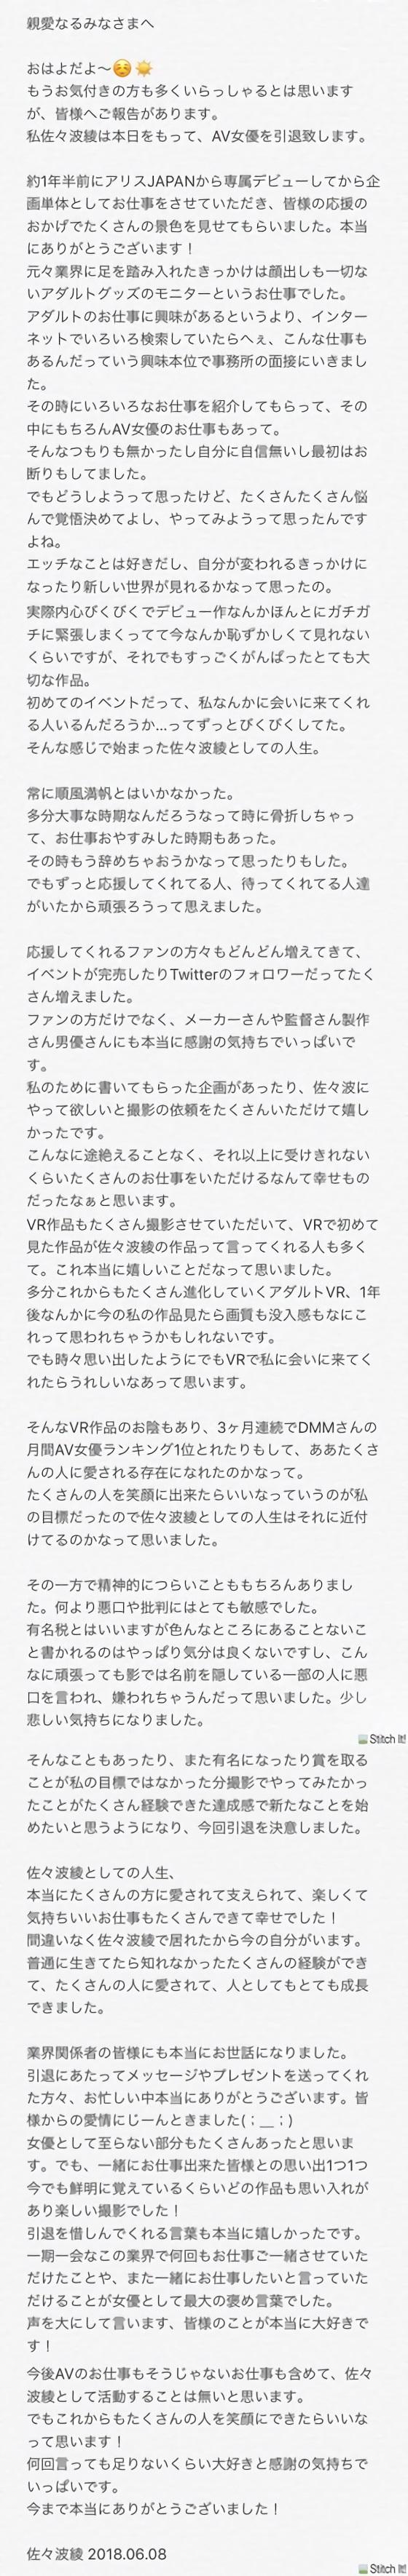 佐々波綾引退003